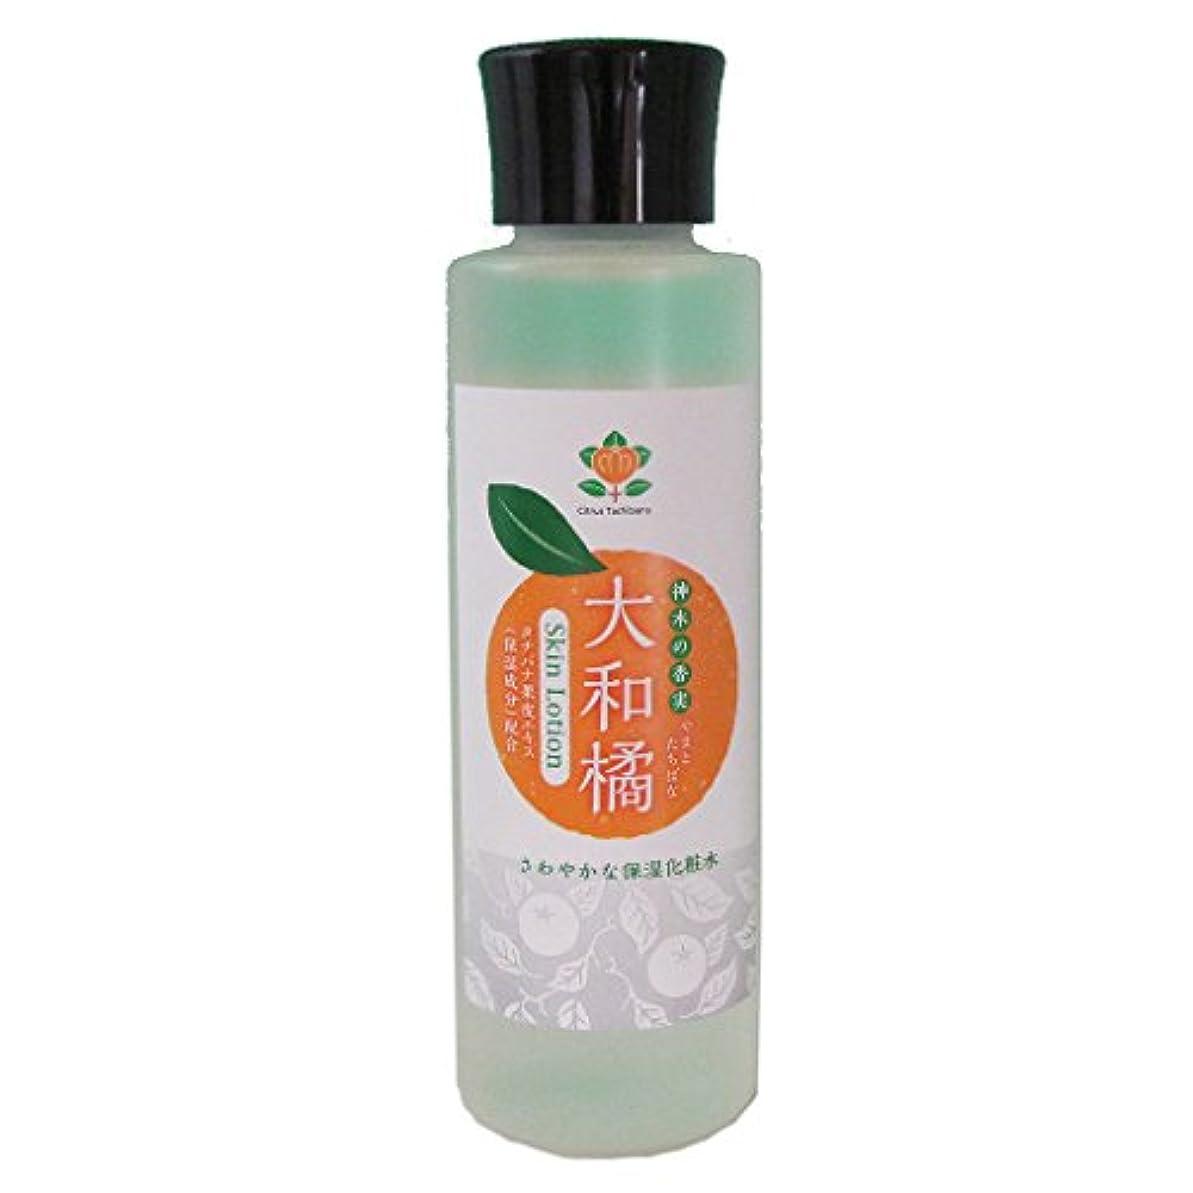 課すパニック経済的神木の果実 大和橘さわやか保湿化粧水 150ml